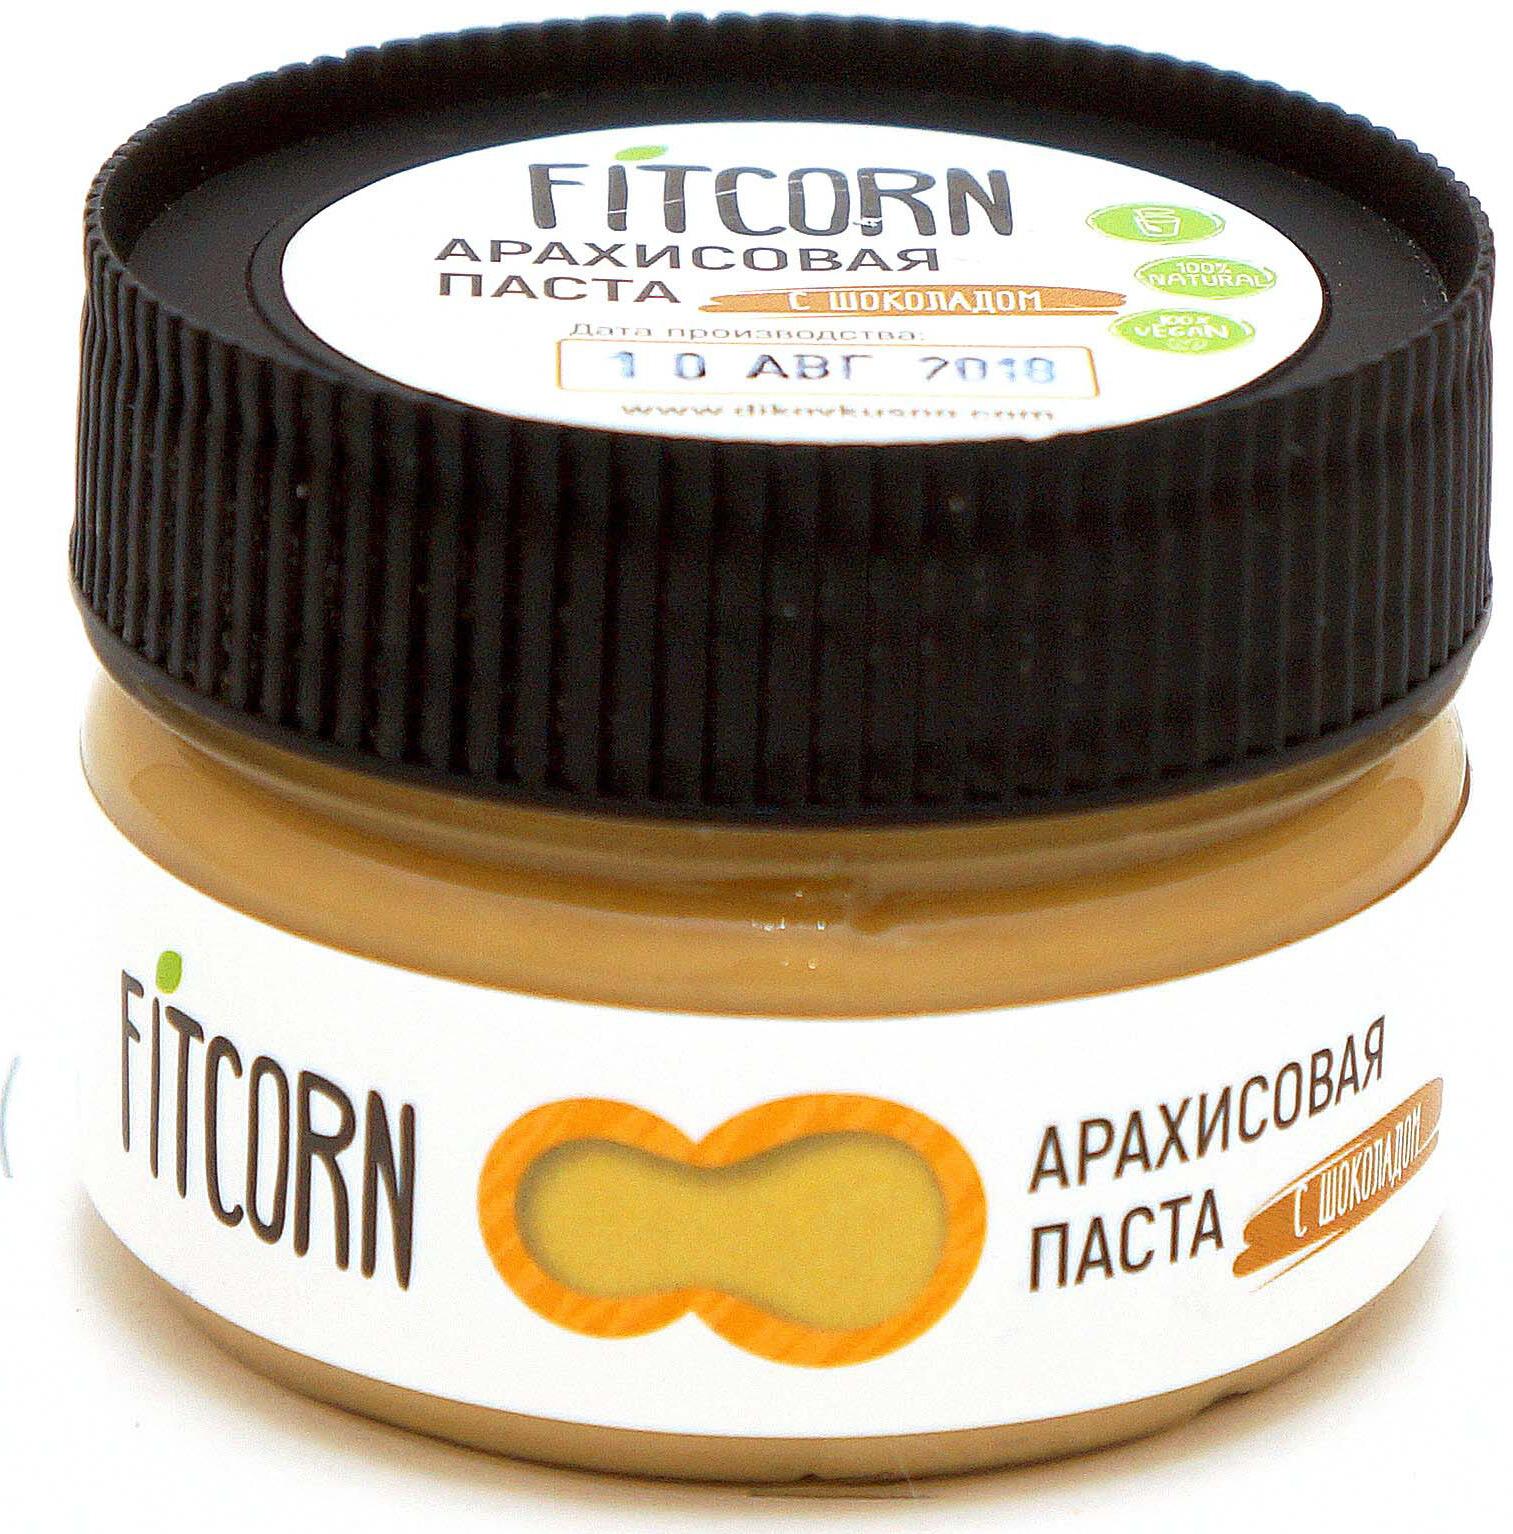 Арахисовая паста Fitcorn с белым шоколадом, 80 г